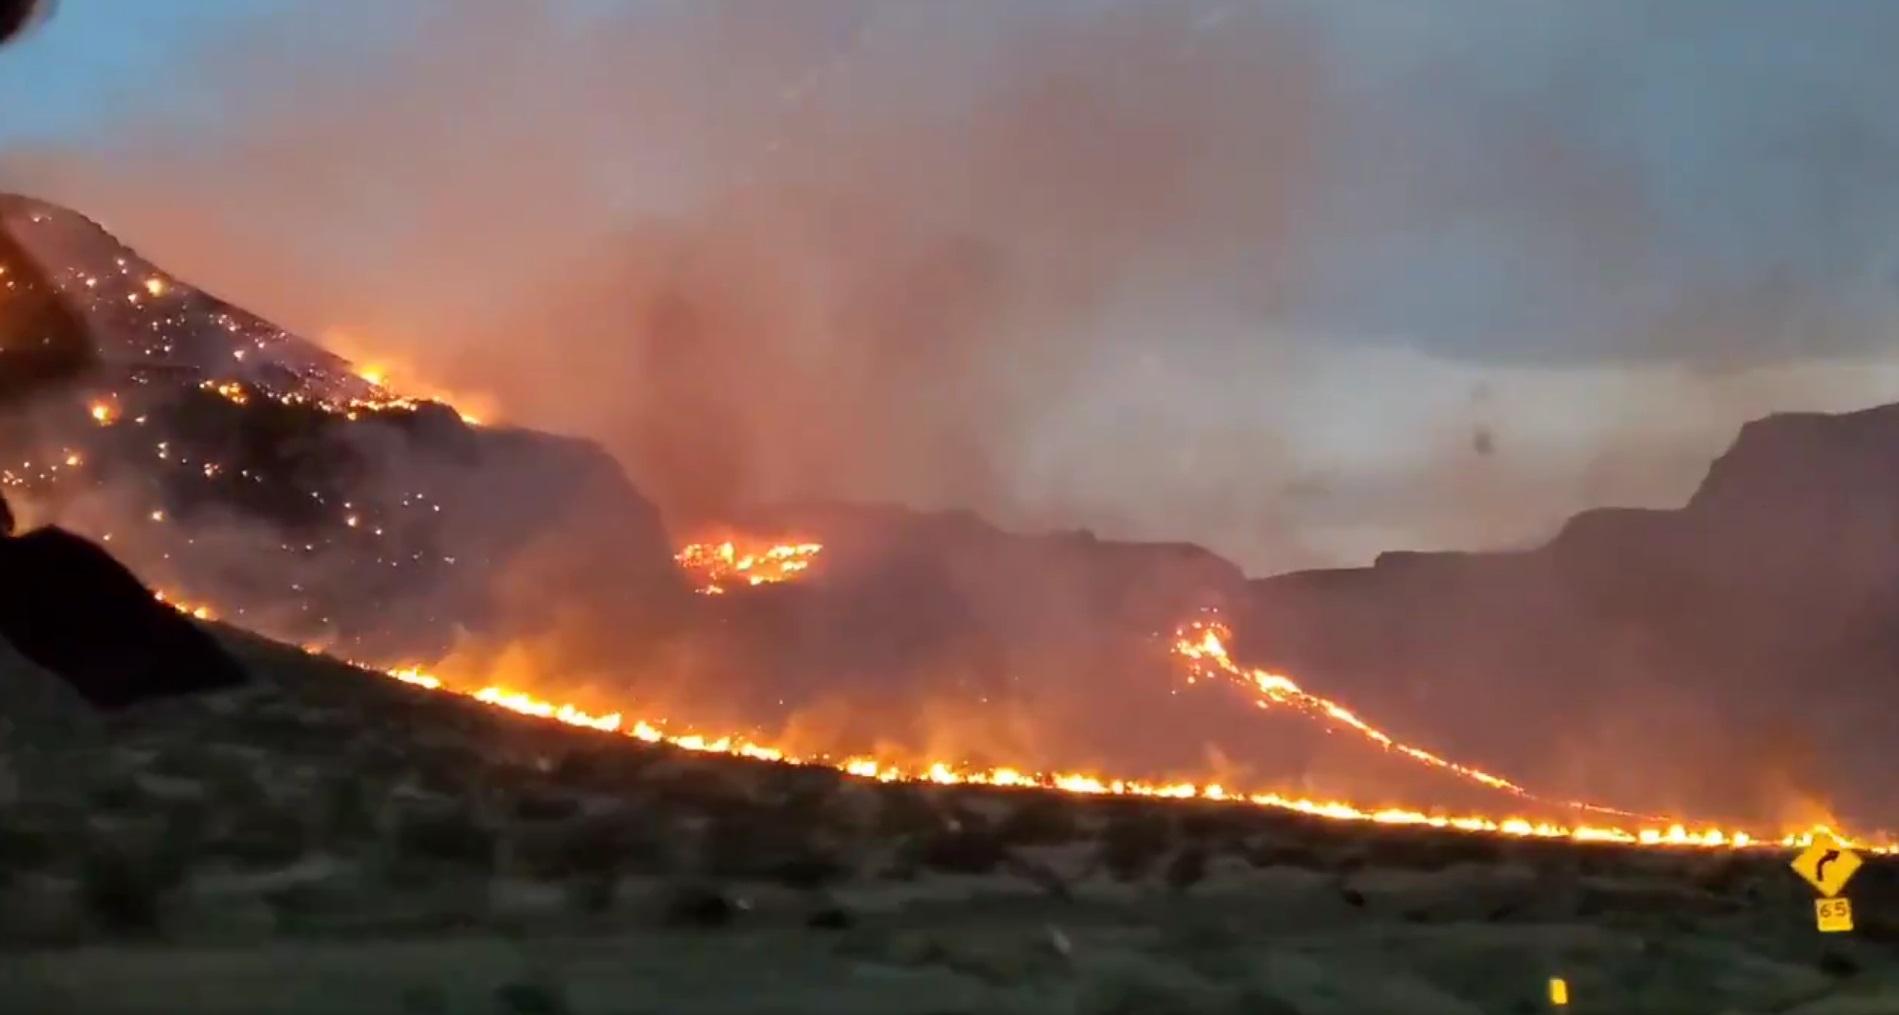 arizona-incendii-twitter-arizona